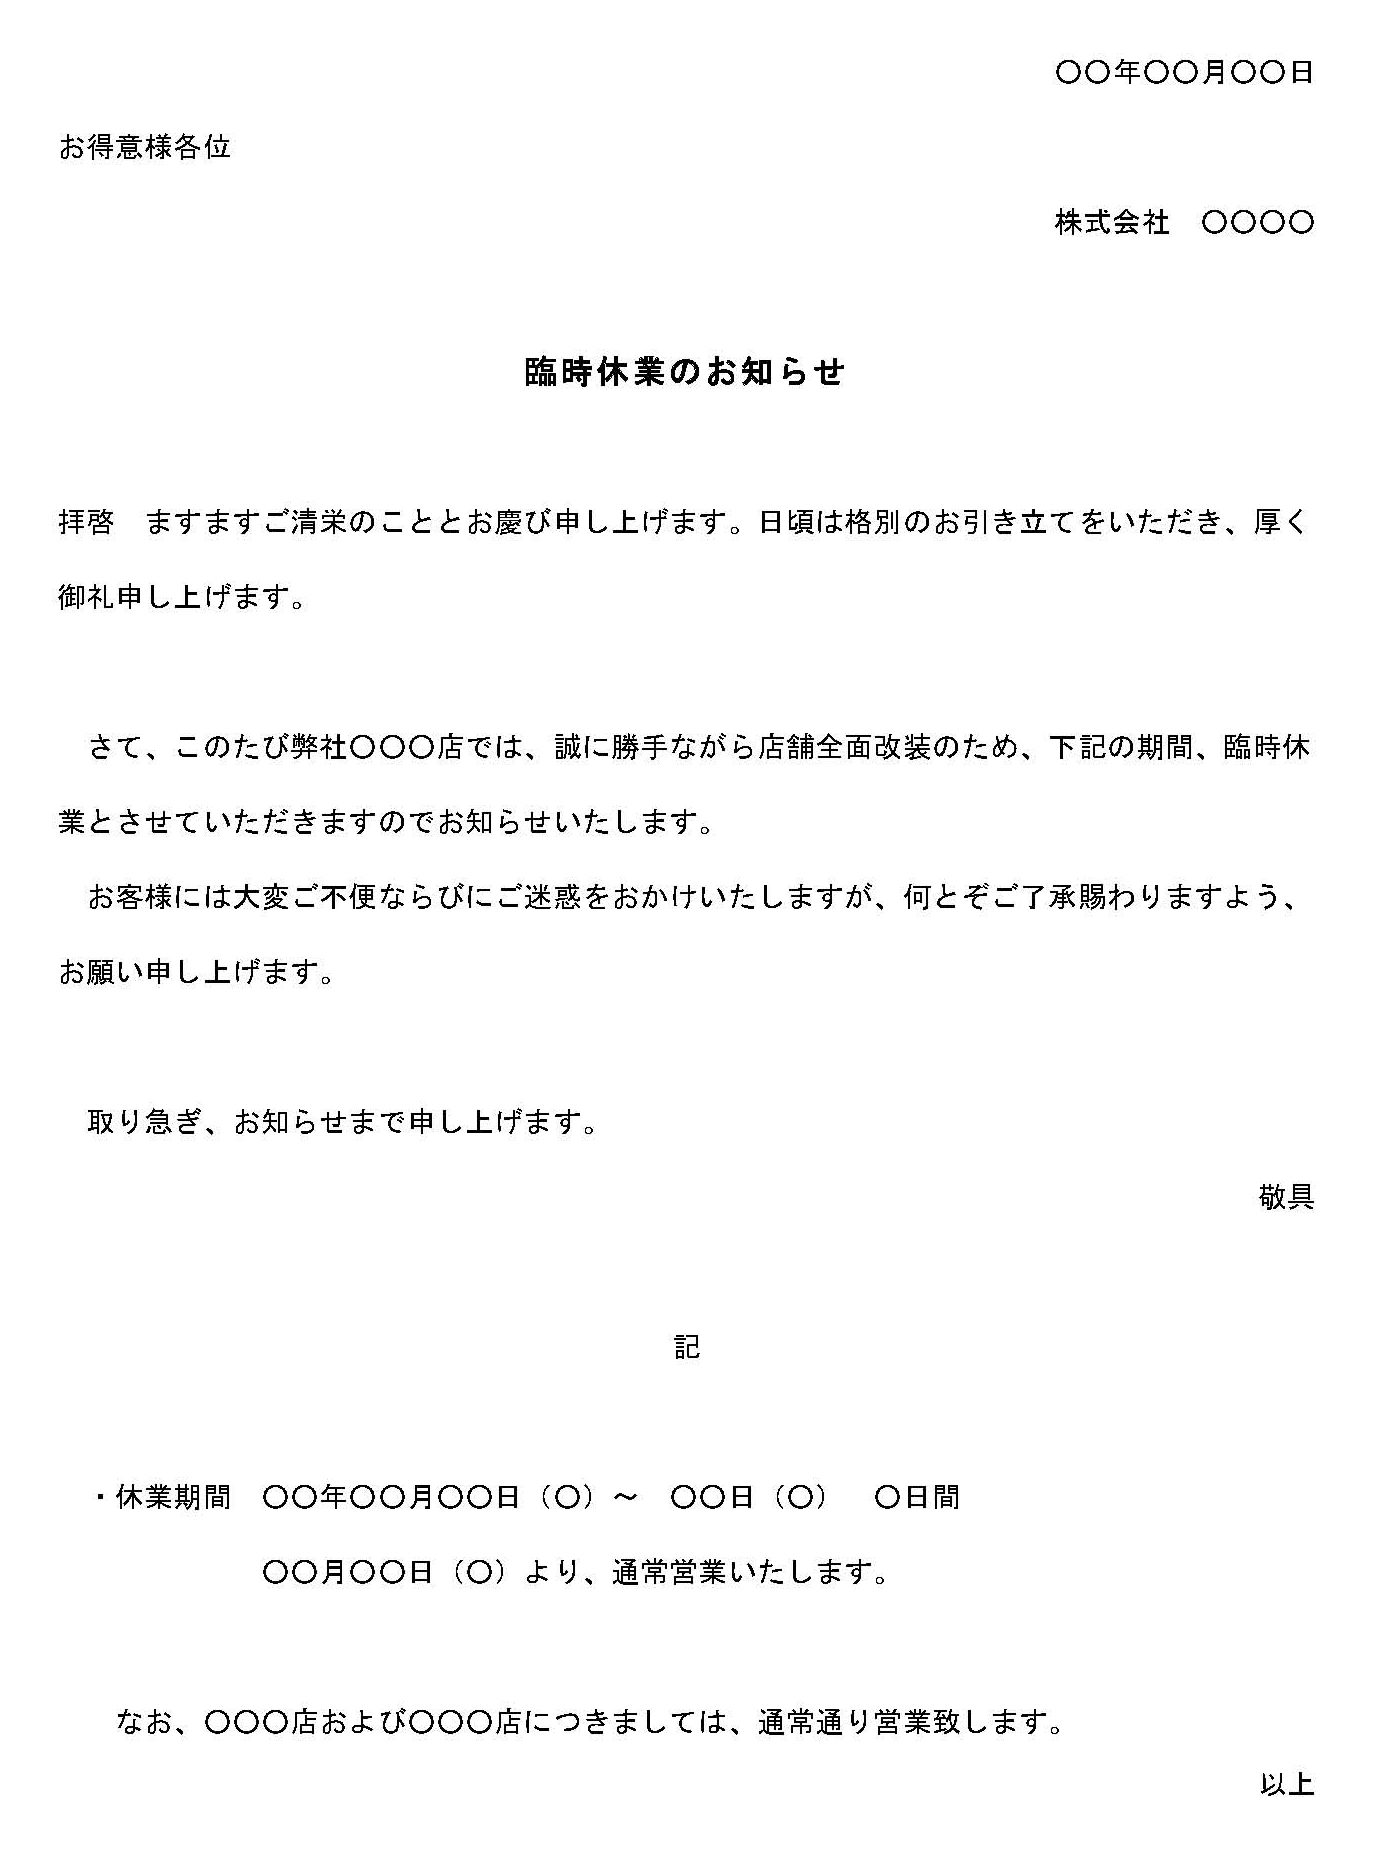 お知らせ(臨時休業)05